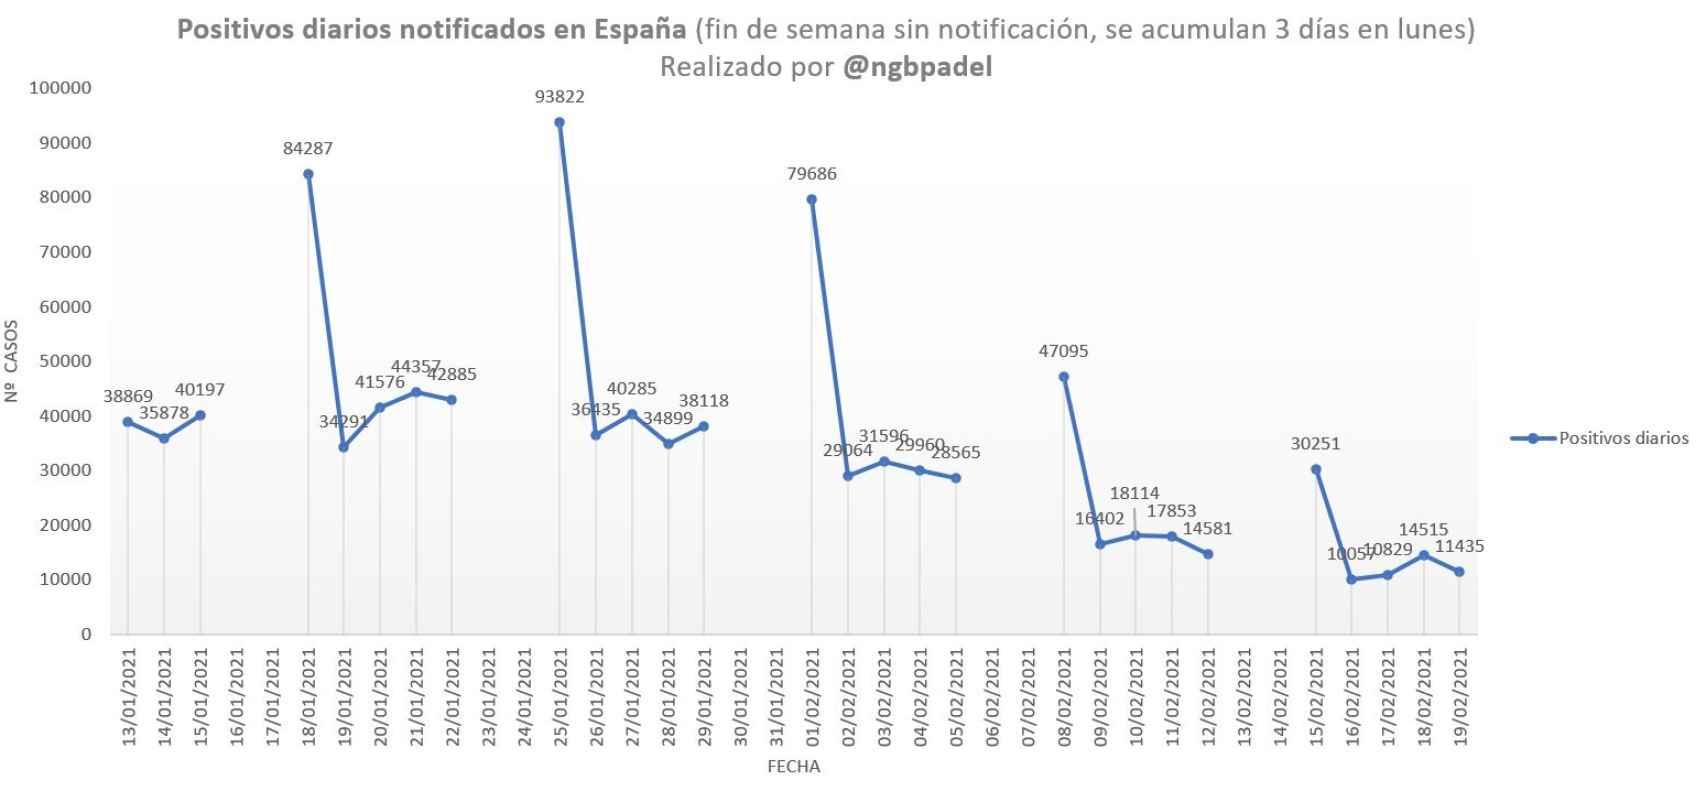 Positivos diarios registrados en España.